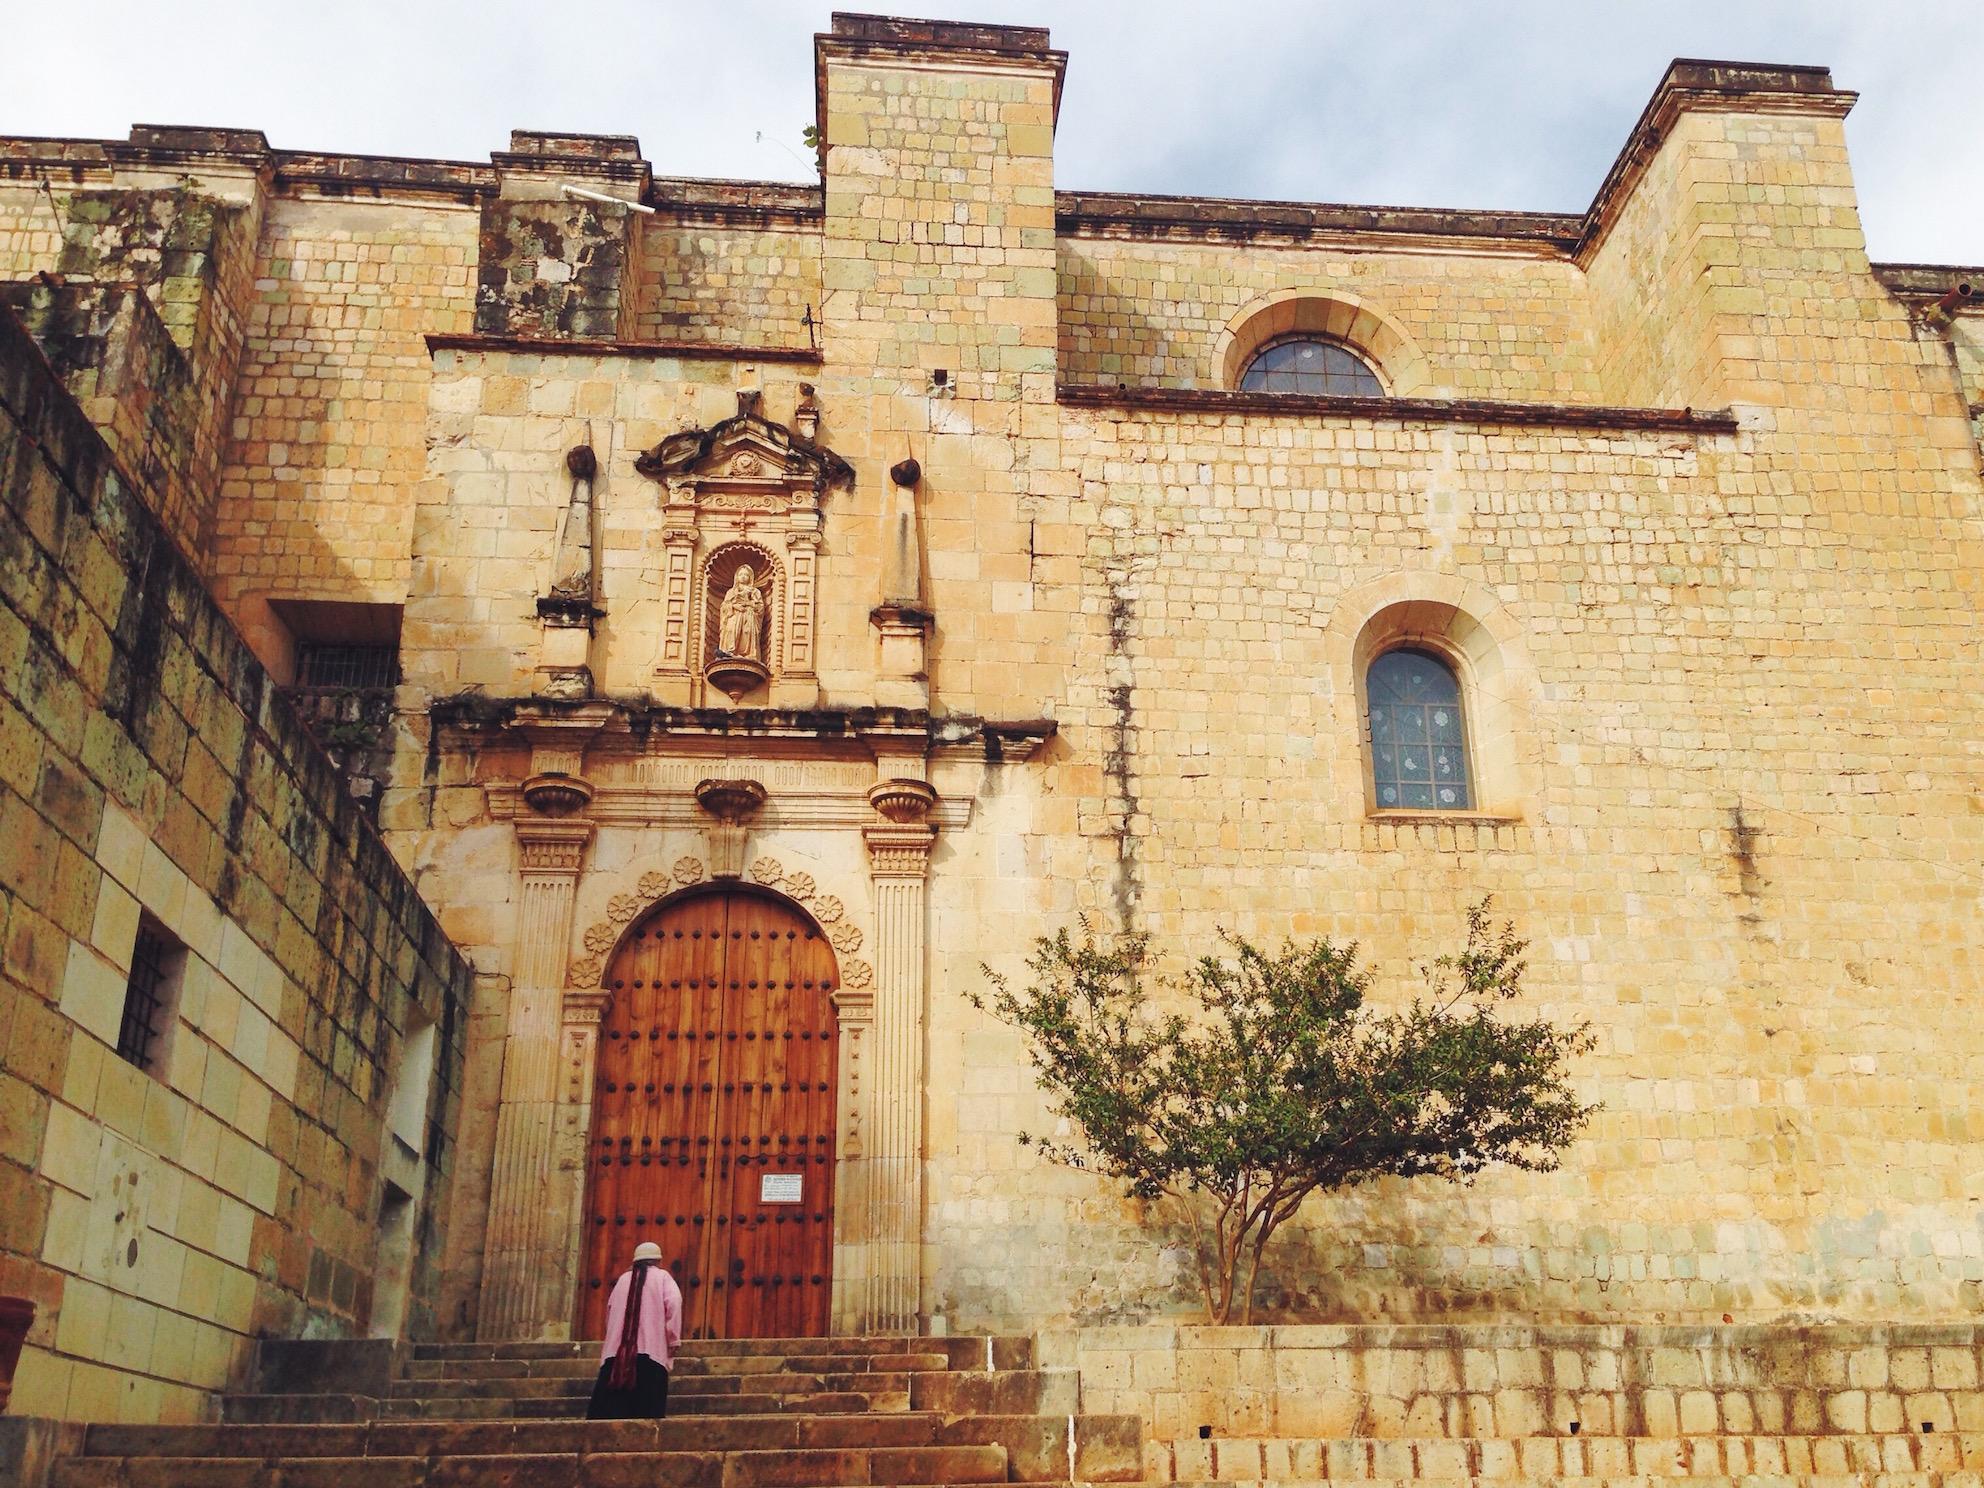 Itinerario di due settimane in Messico - Oaxaca - Templo